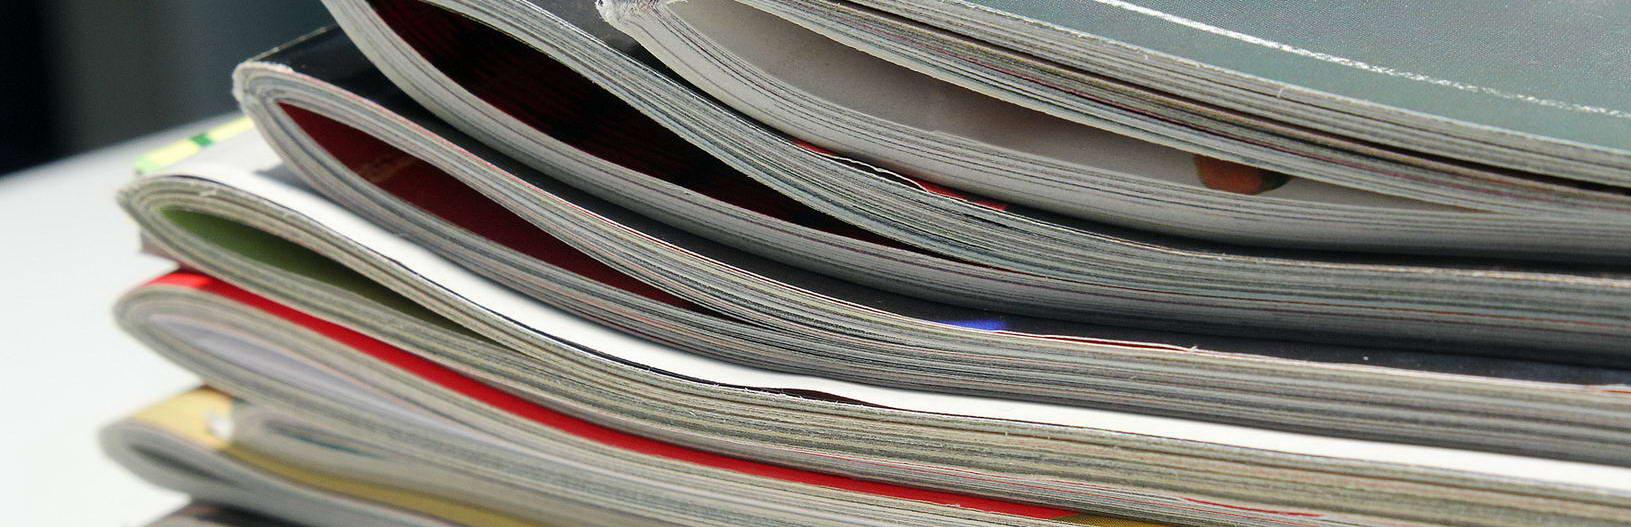 Otras revistas